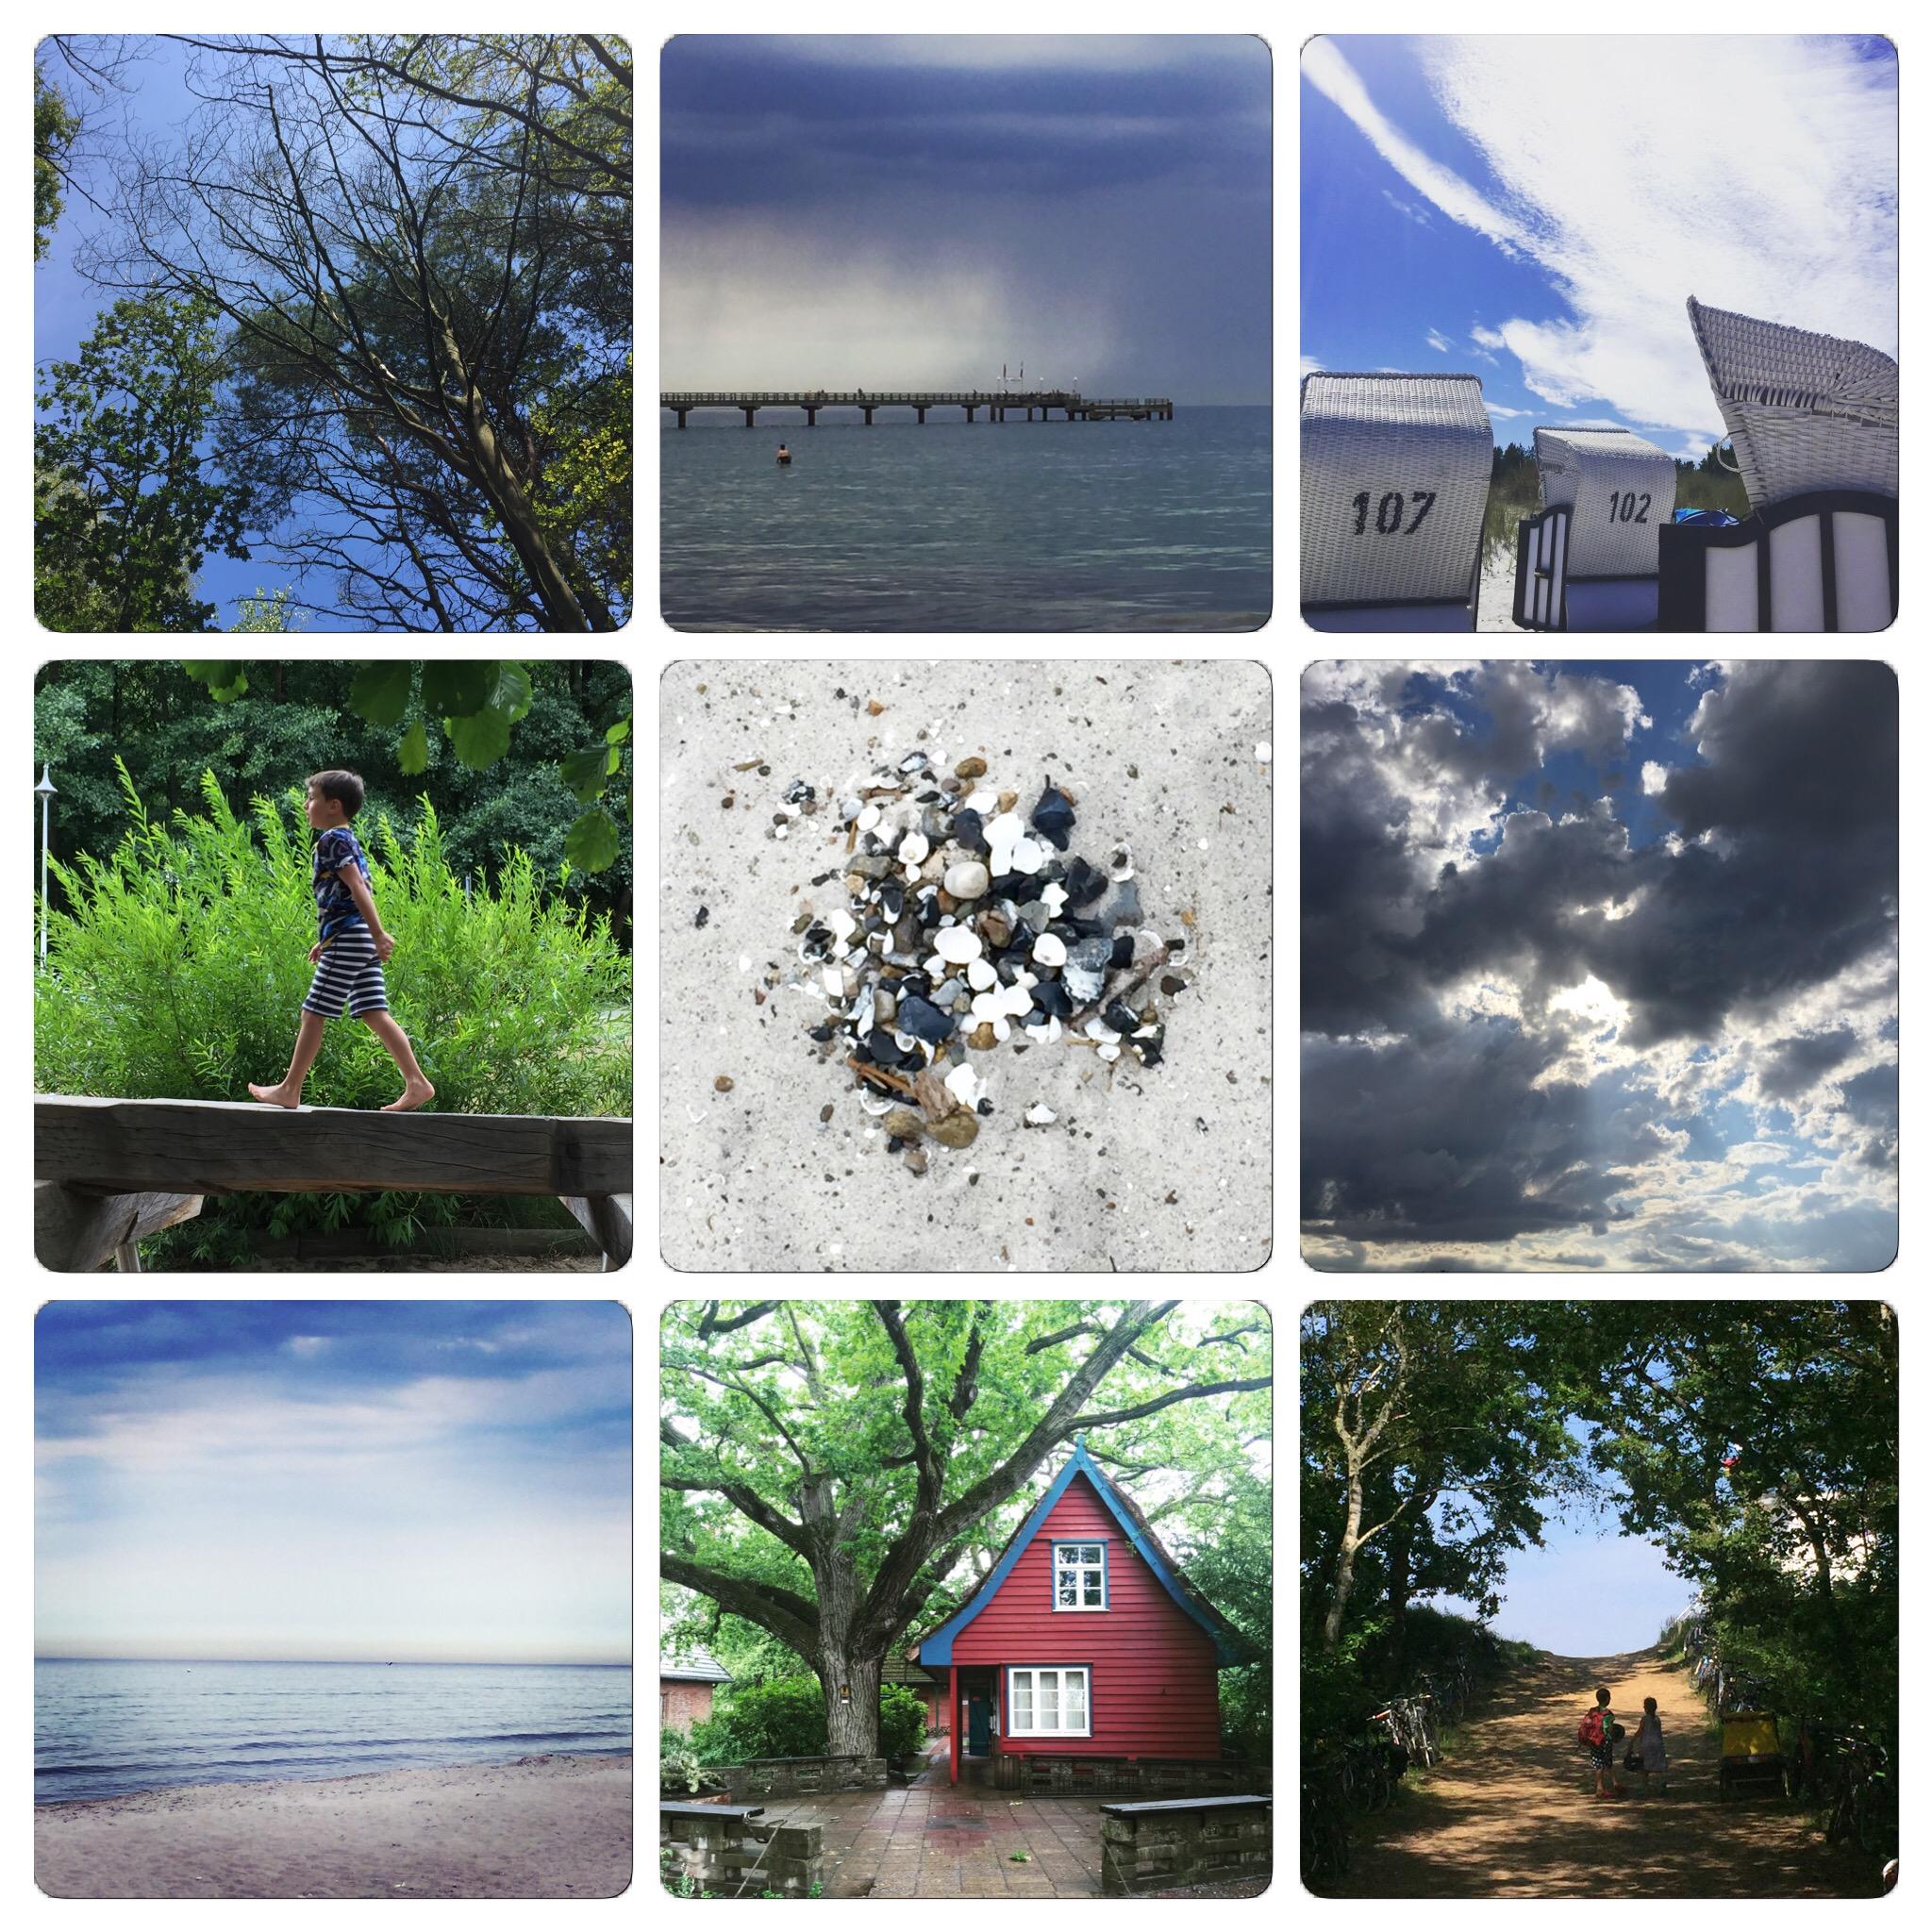 Darss 2015, Sommerurlaub, Ostsee, Familienurlaub, Bilderbuch, Fotoalbum, Mama Blog, Familie, Tipps, Reise,